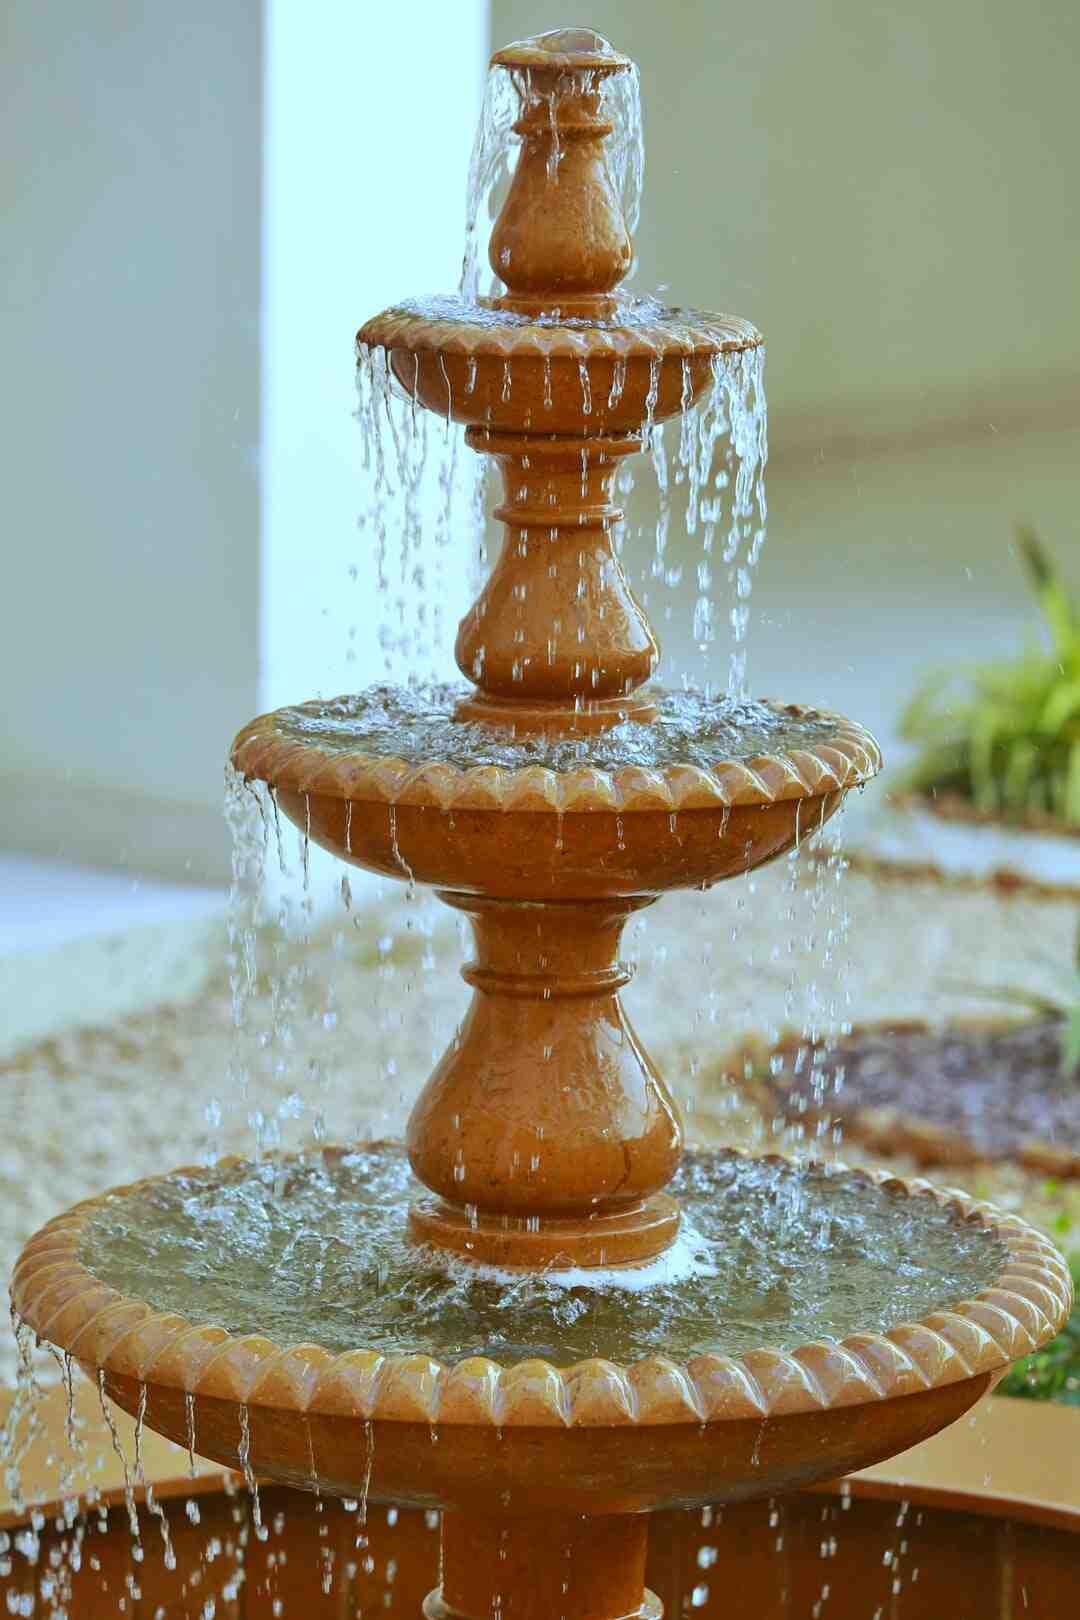 Comment faire une fontaine dans un bassin ?